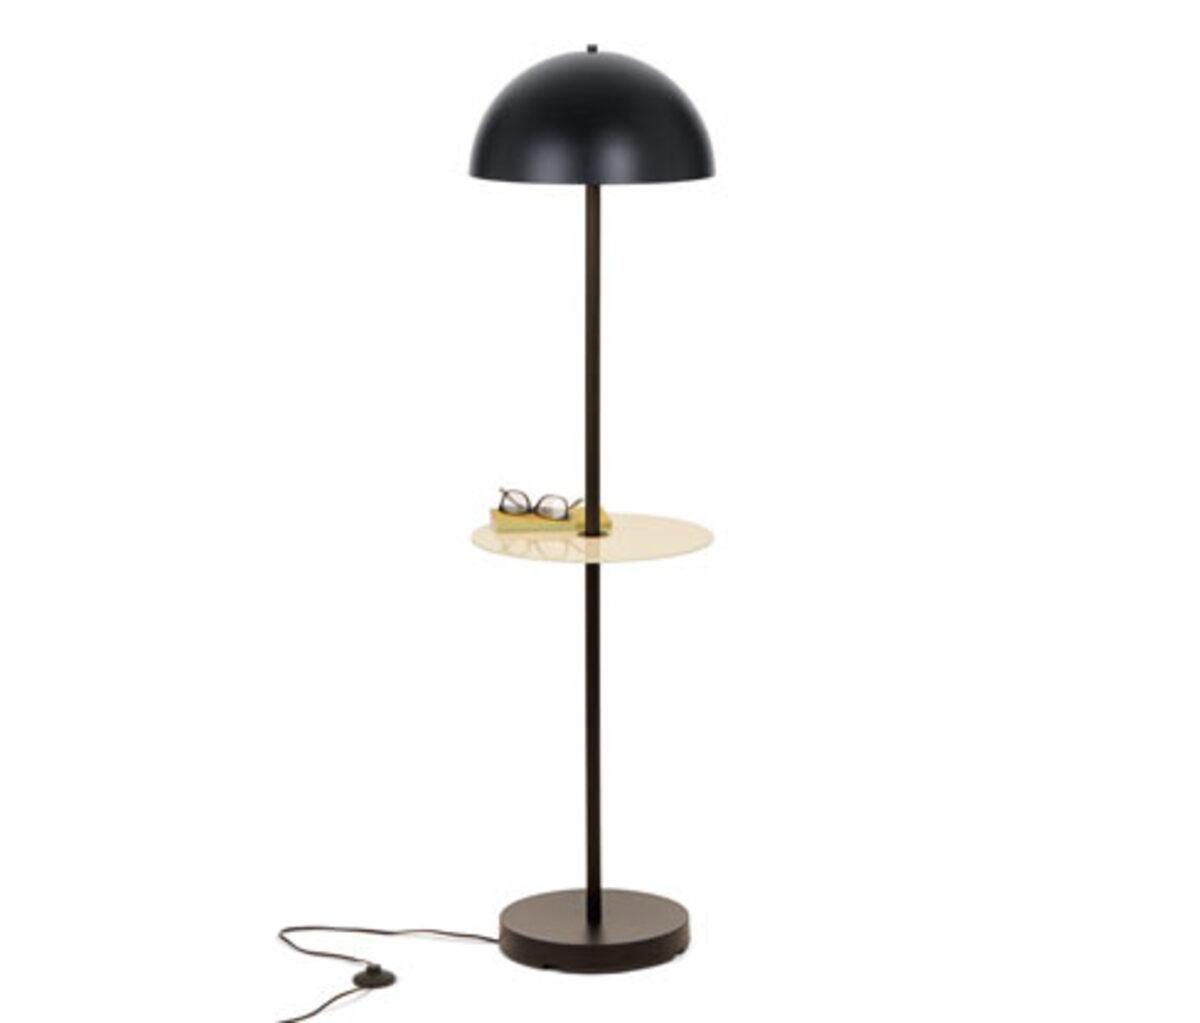 LED Stehleuchte mit Tisch von Tchibo ansehen